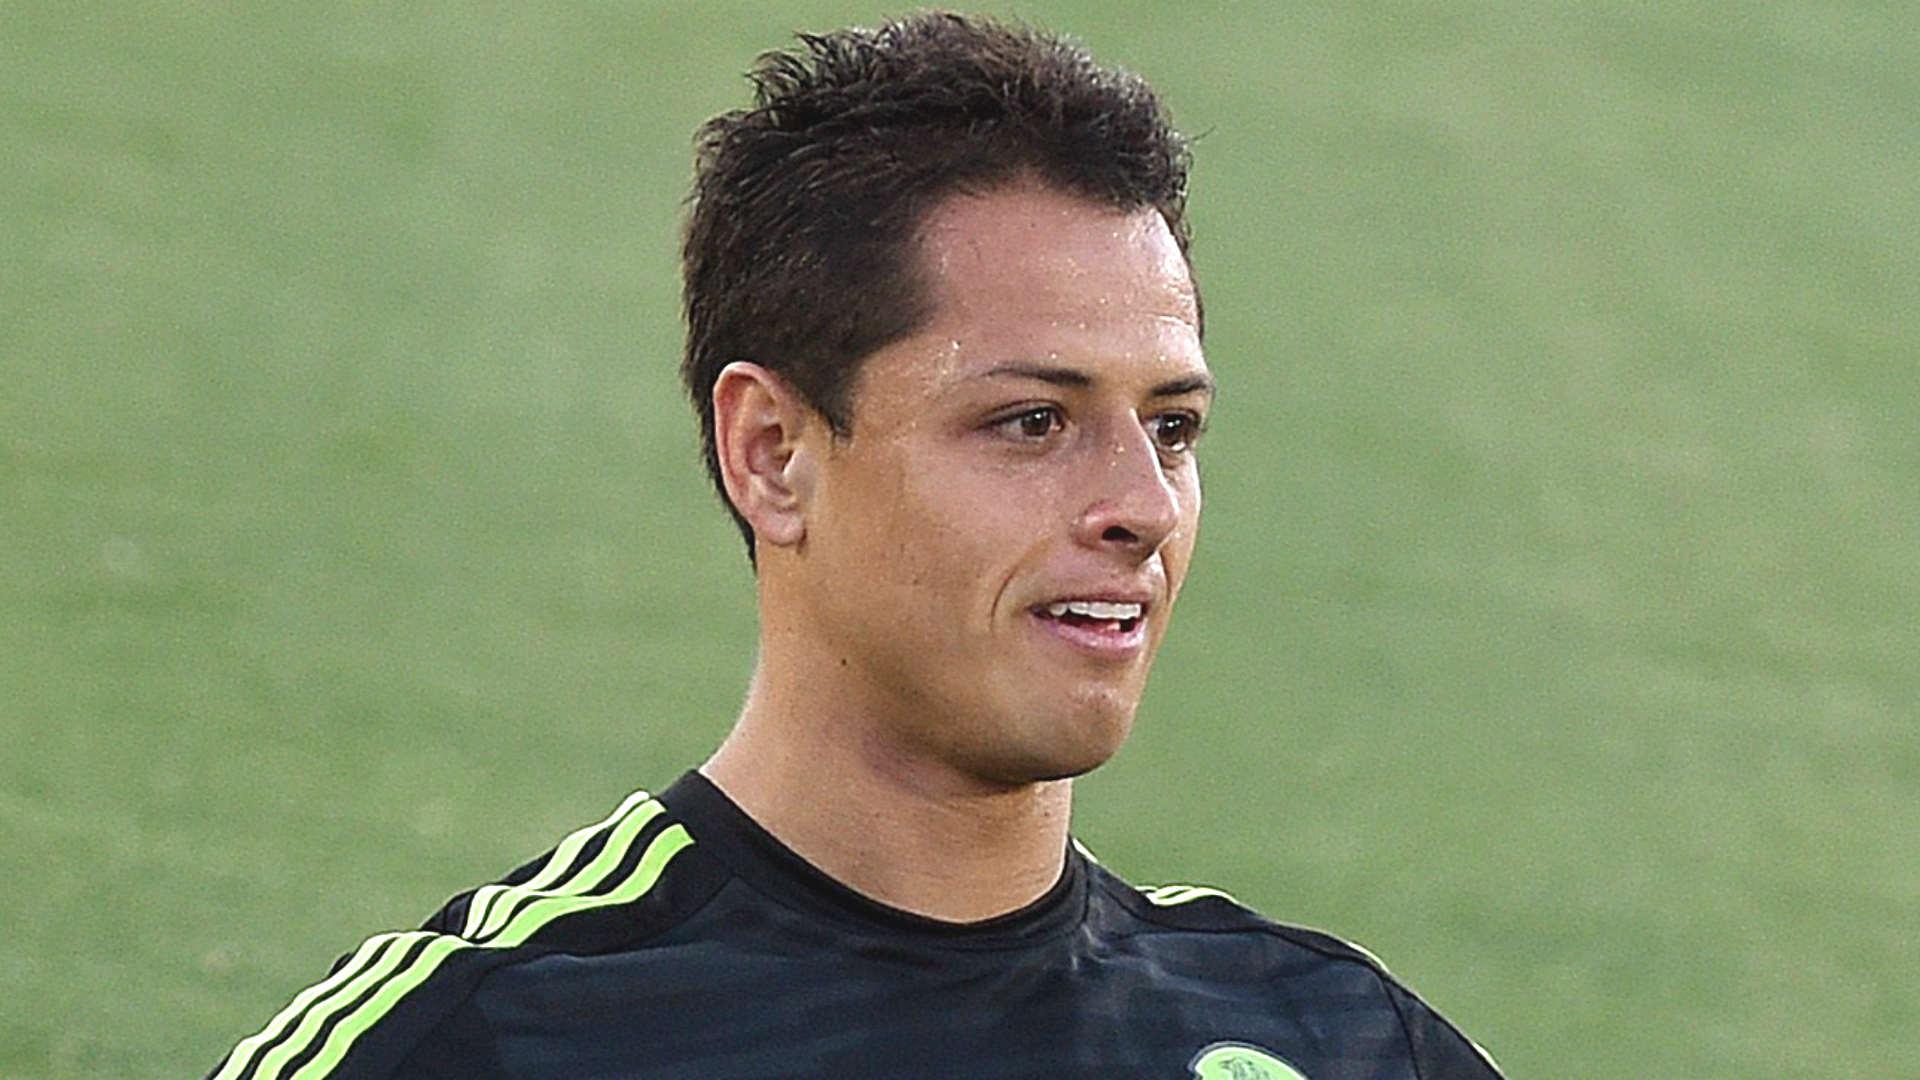 Mexico's Javier Hernandez taken to hospital with suspected broken collarbone